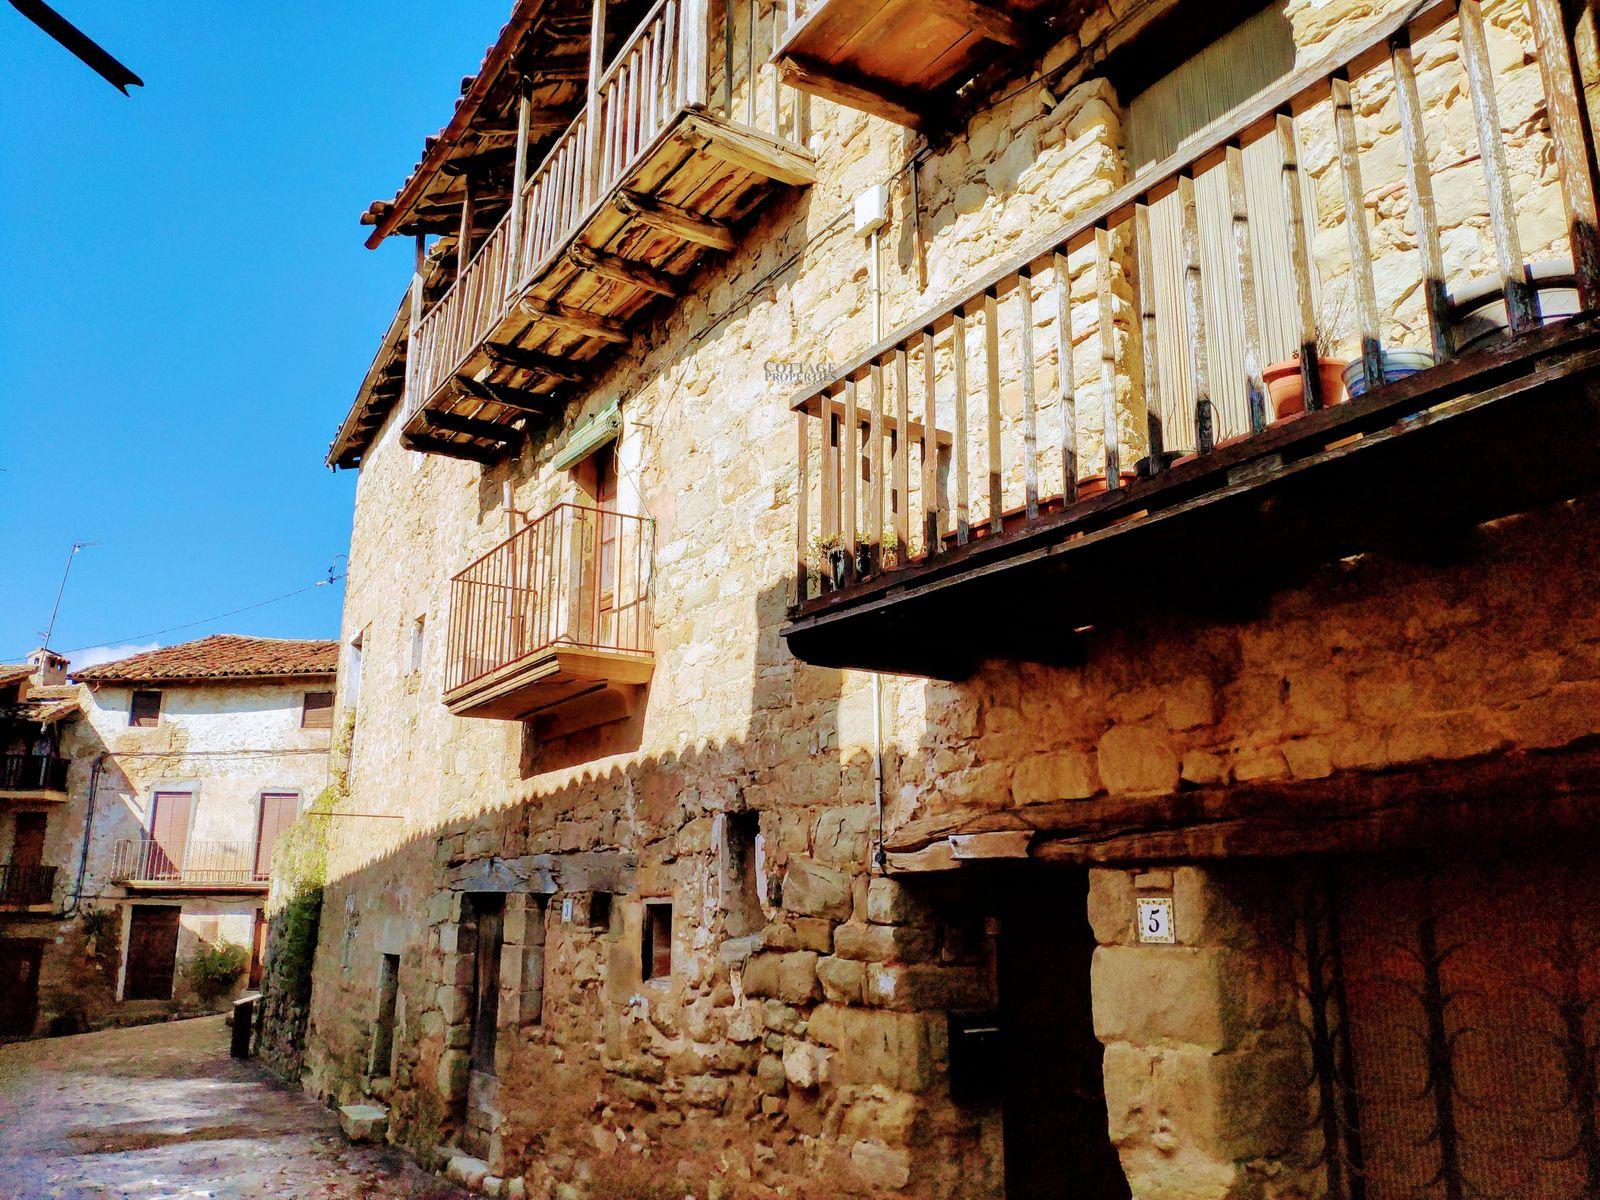 1194: Casas de pueblo in El Malloll